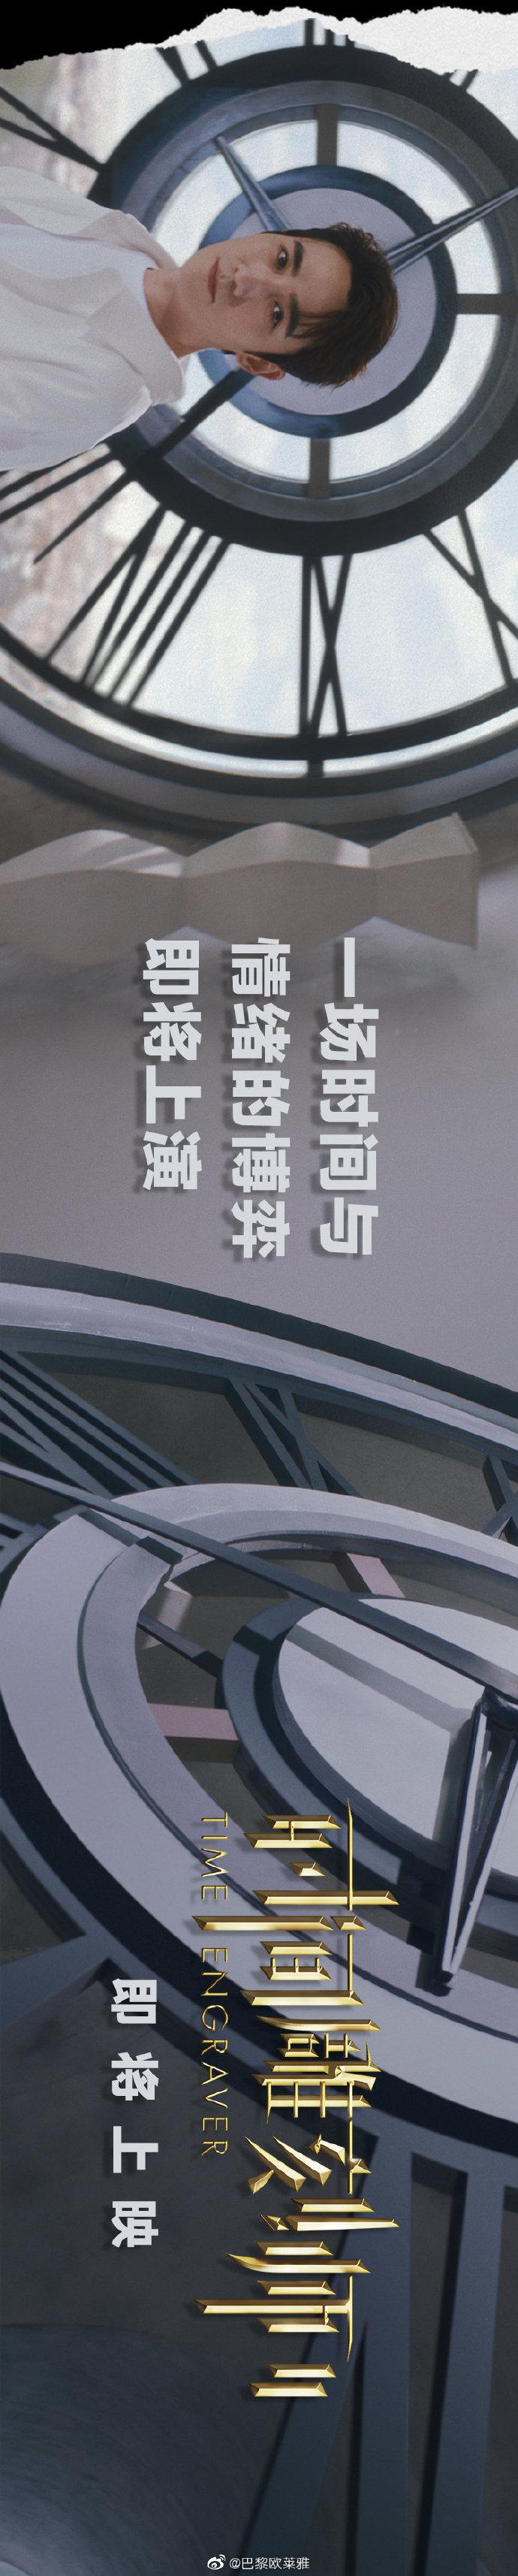 200826《时间雕刻师2》即将上映 朱一龙时间碎片·自由|碎片加载99%